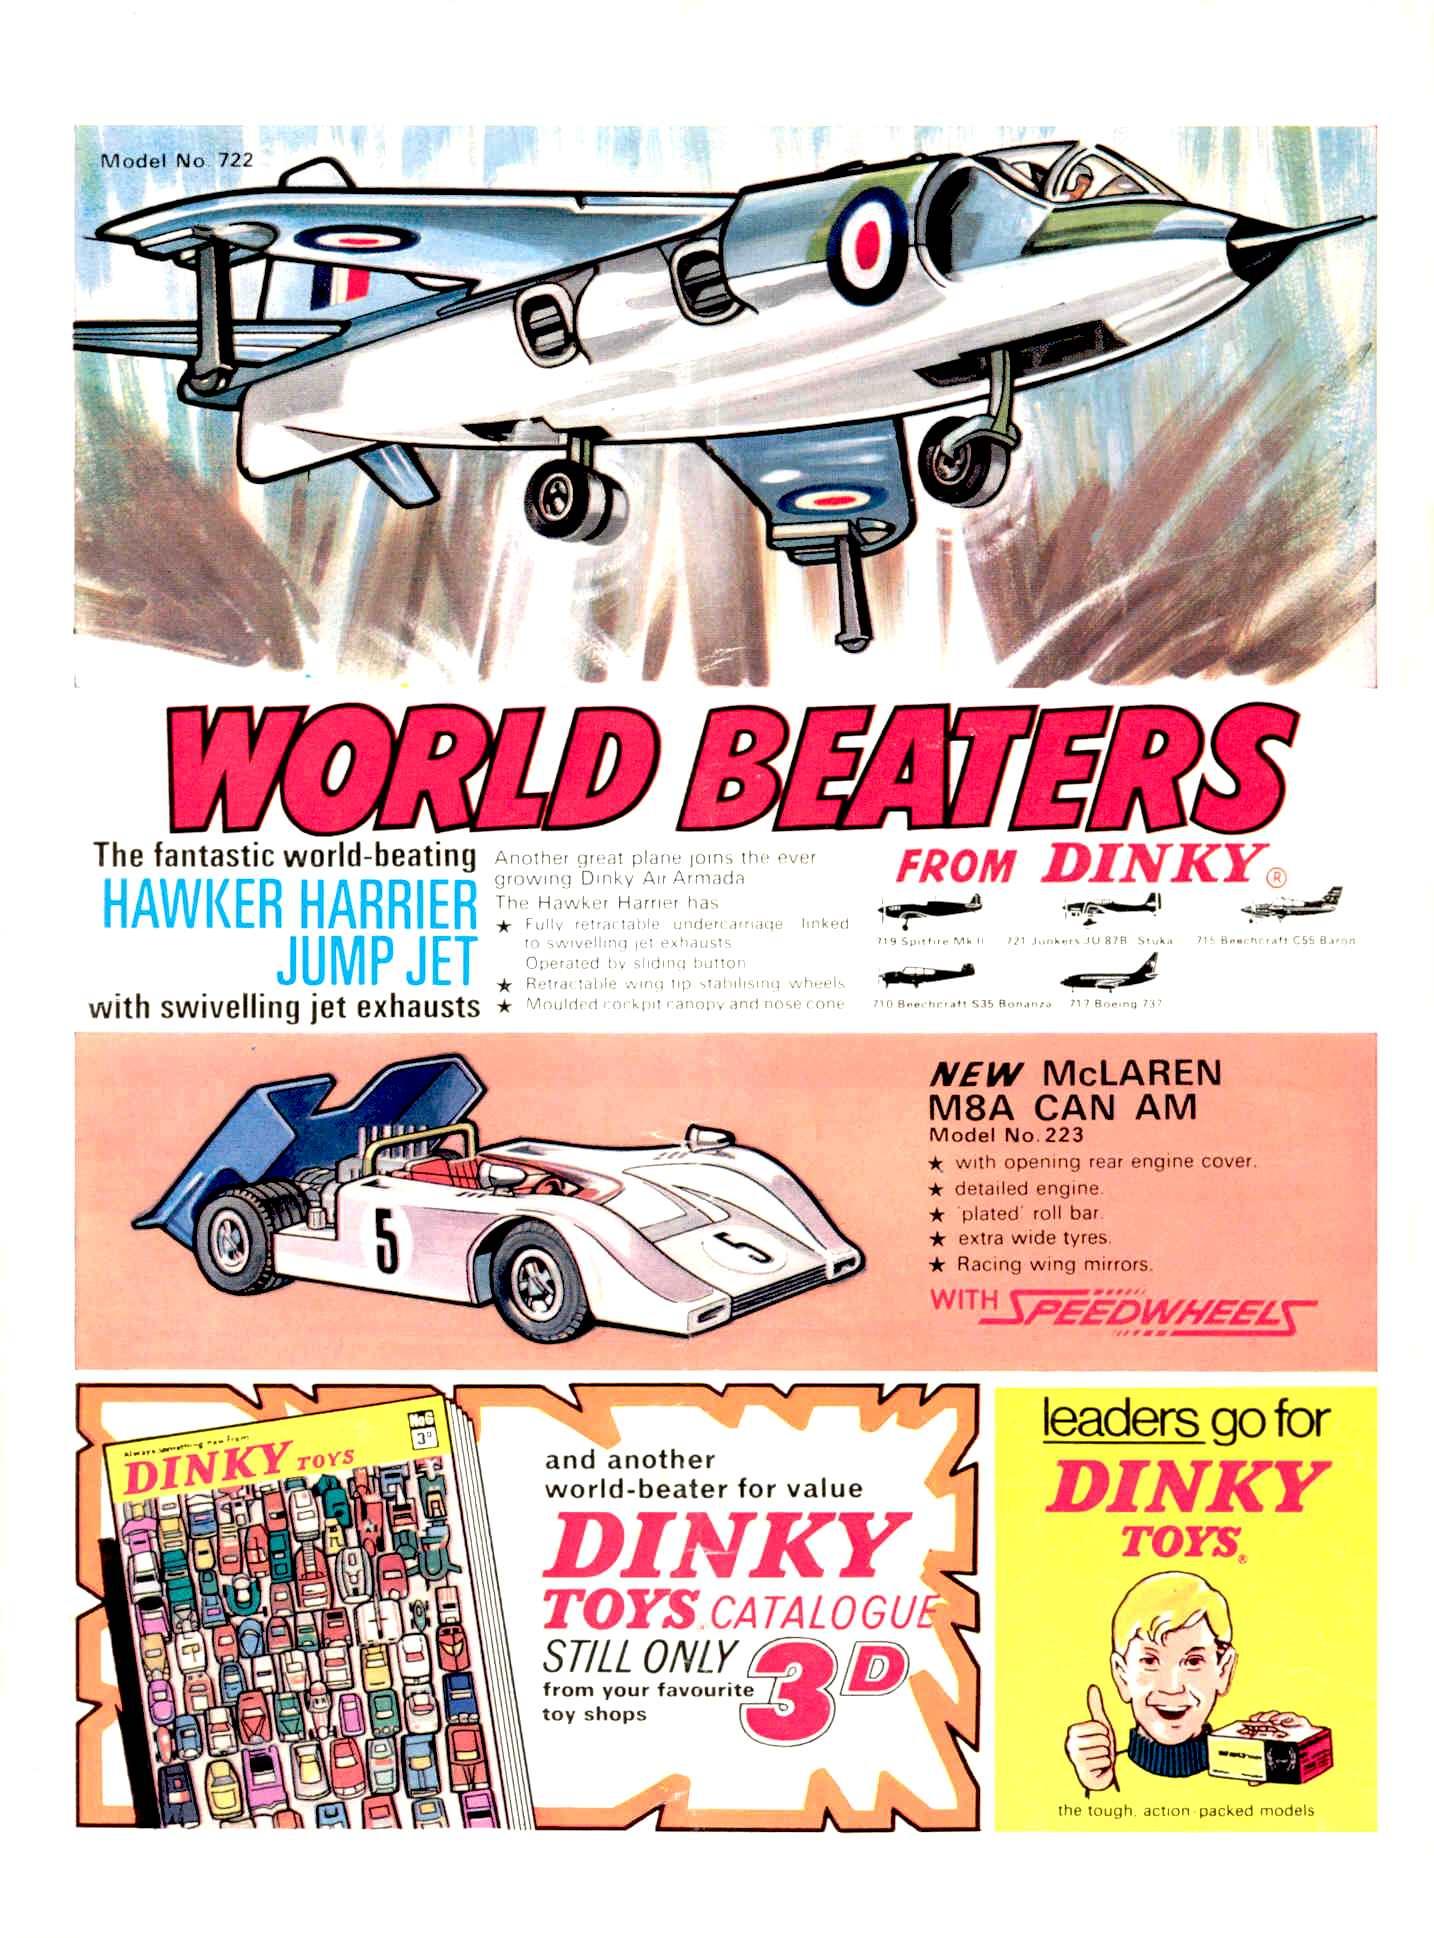 UK Meccano Magazine October 1970 Page 576